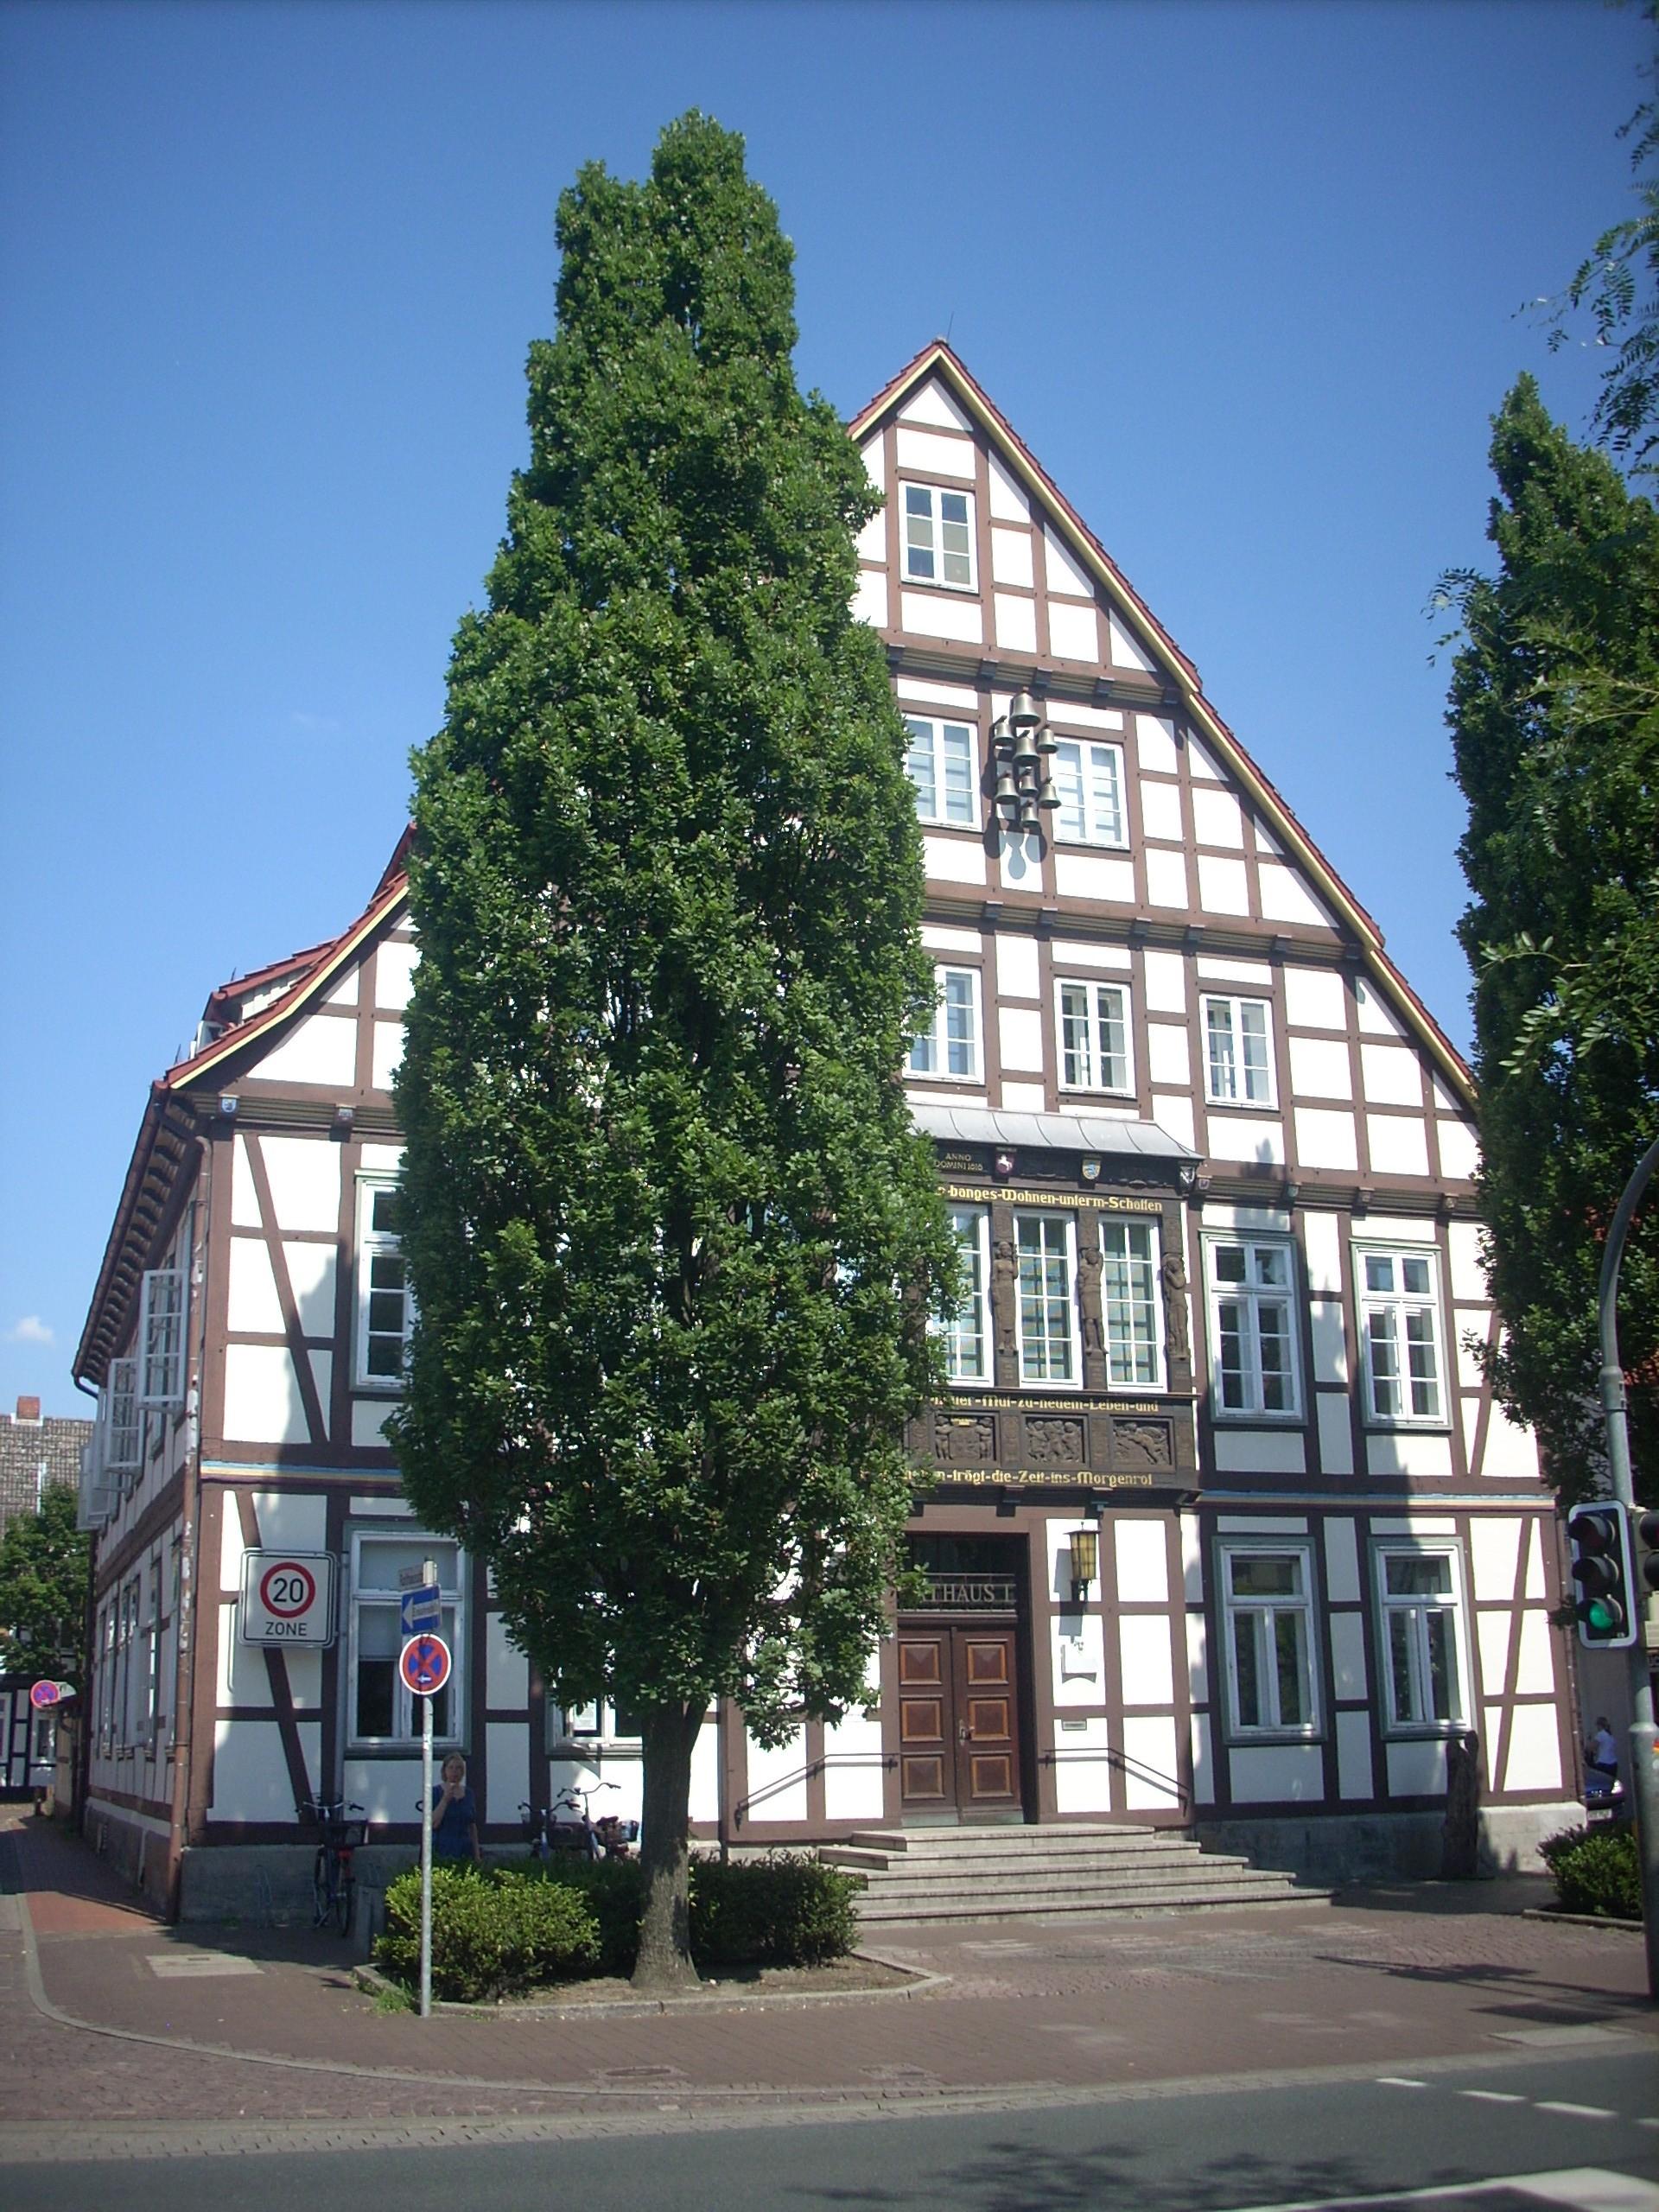 Bild von Burgdorf (Region Hannover): <center>Historisches Rathaus</center>